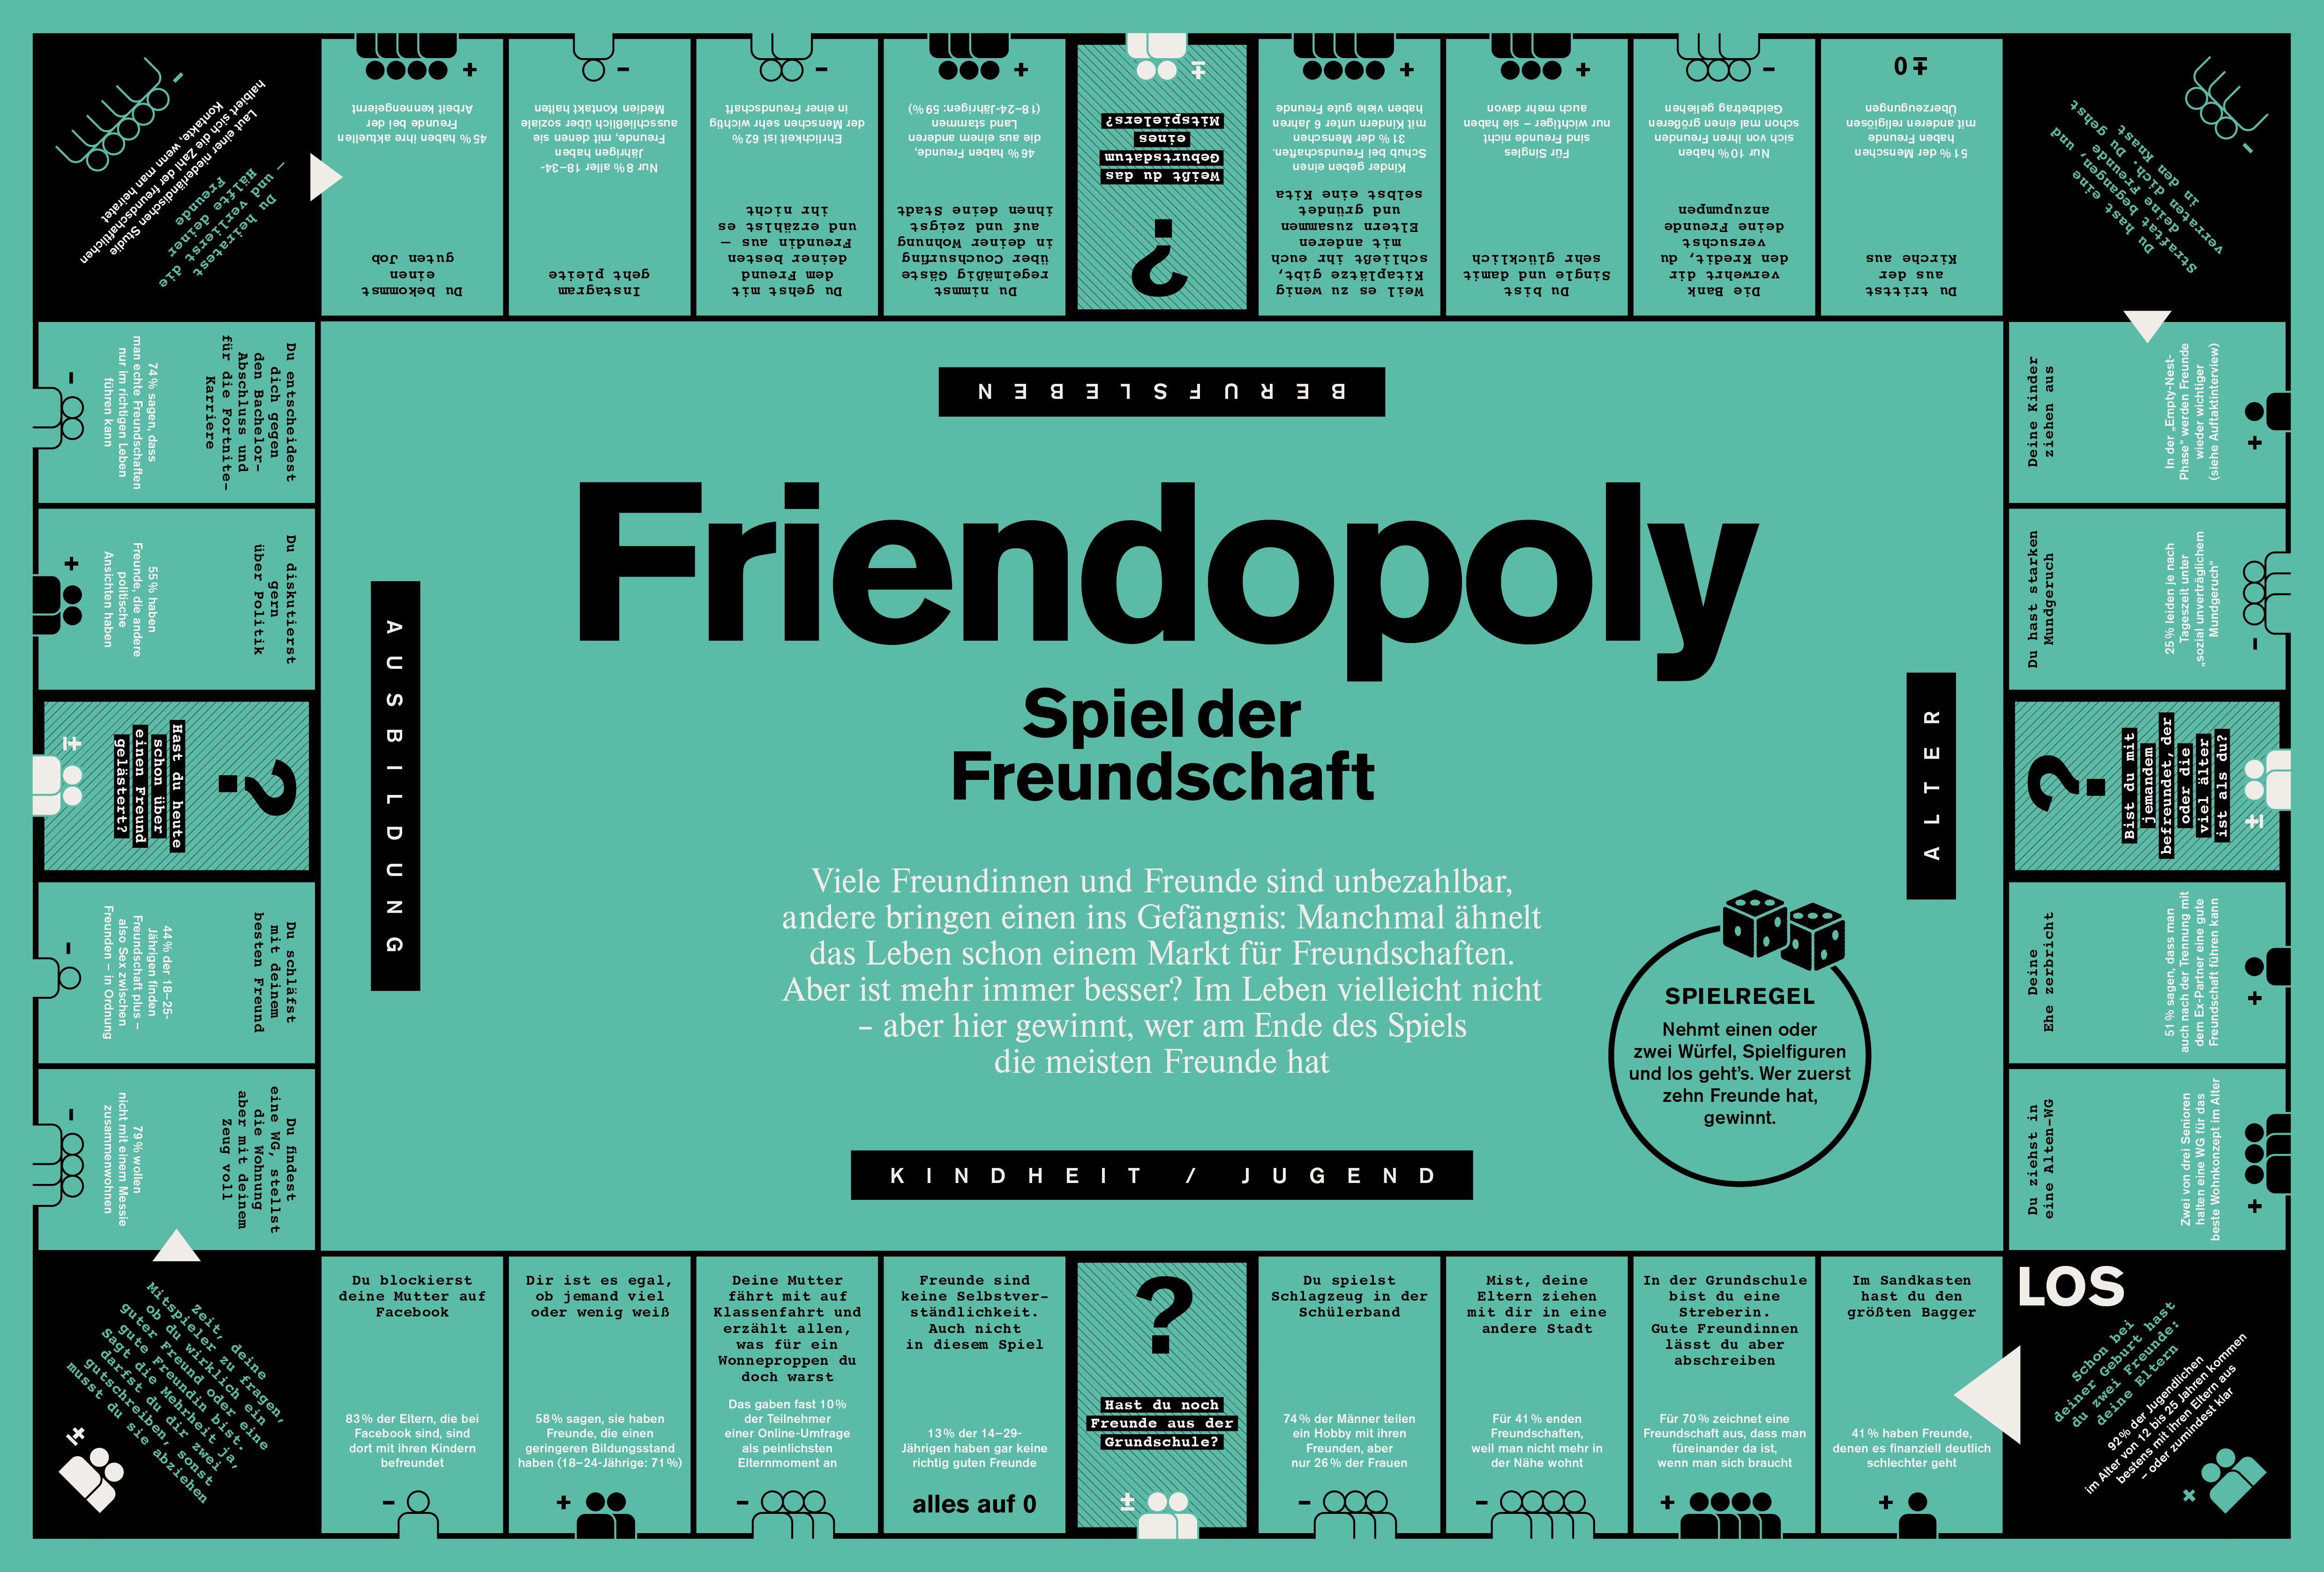 Friendopoly – Das Spiel der Freundschaft